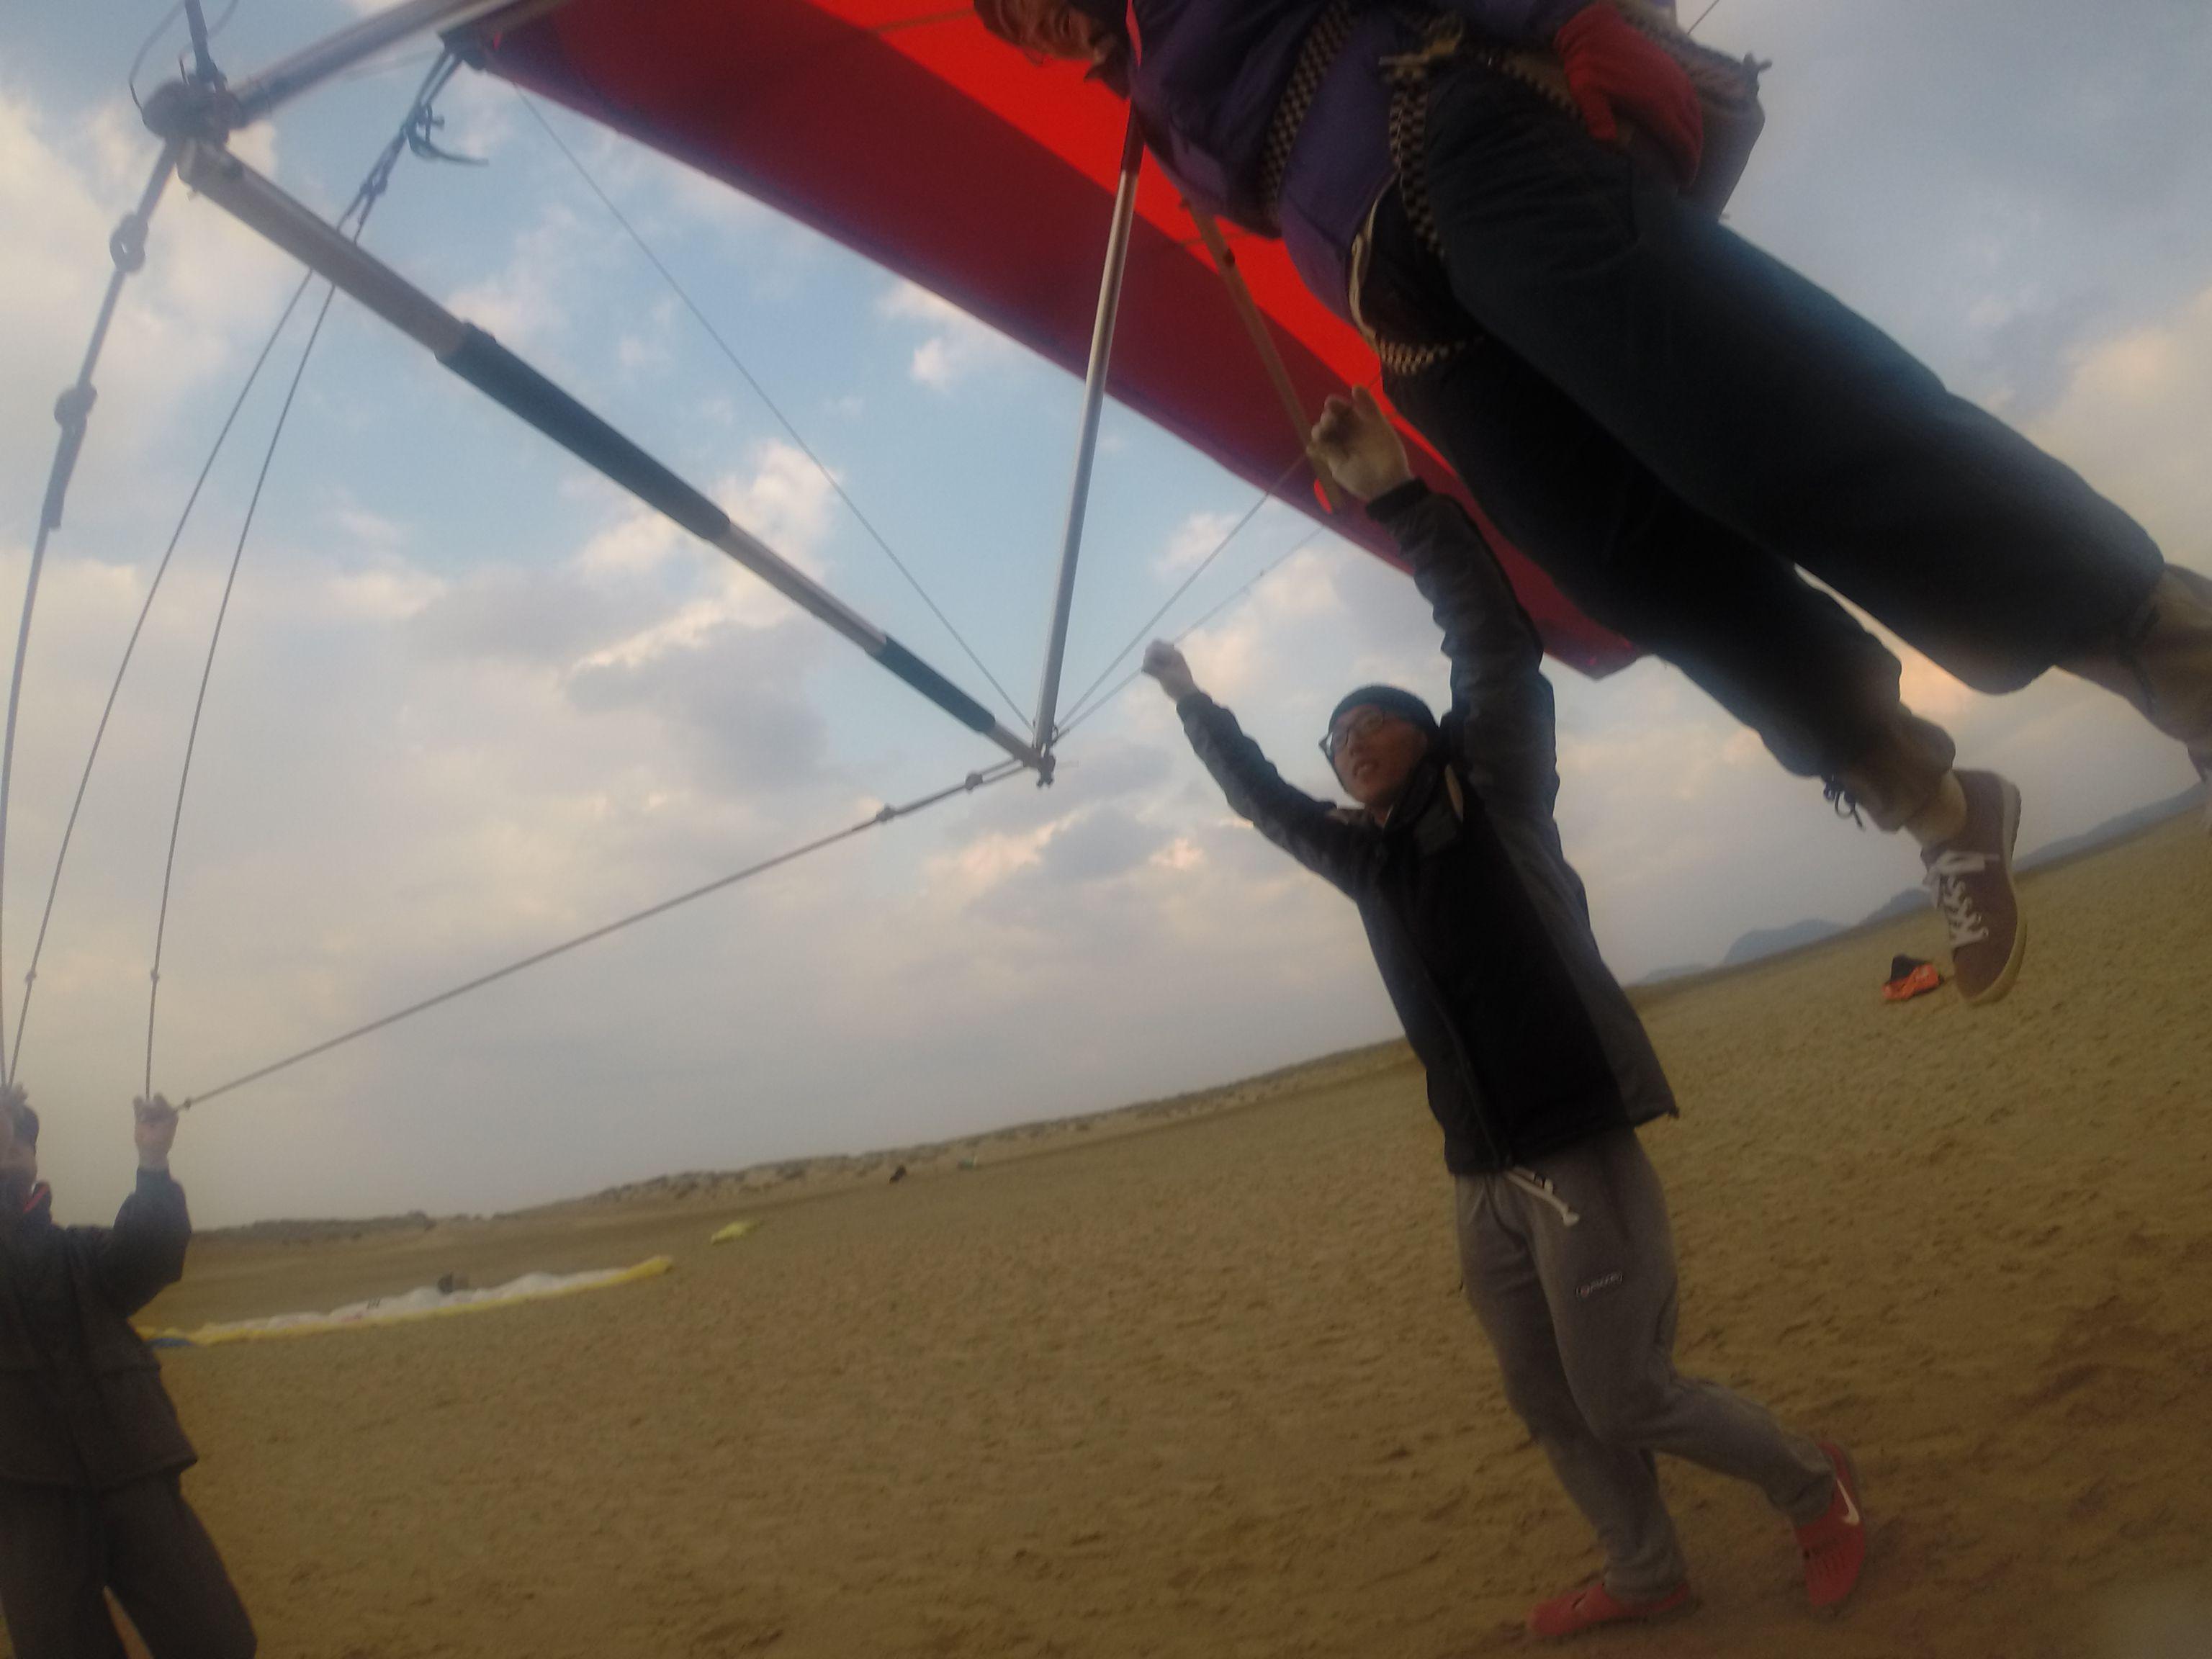 ハンググライダーでまずは簡単に浮くところから